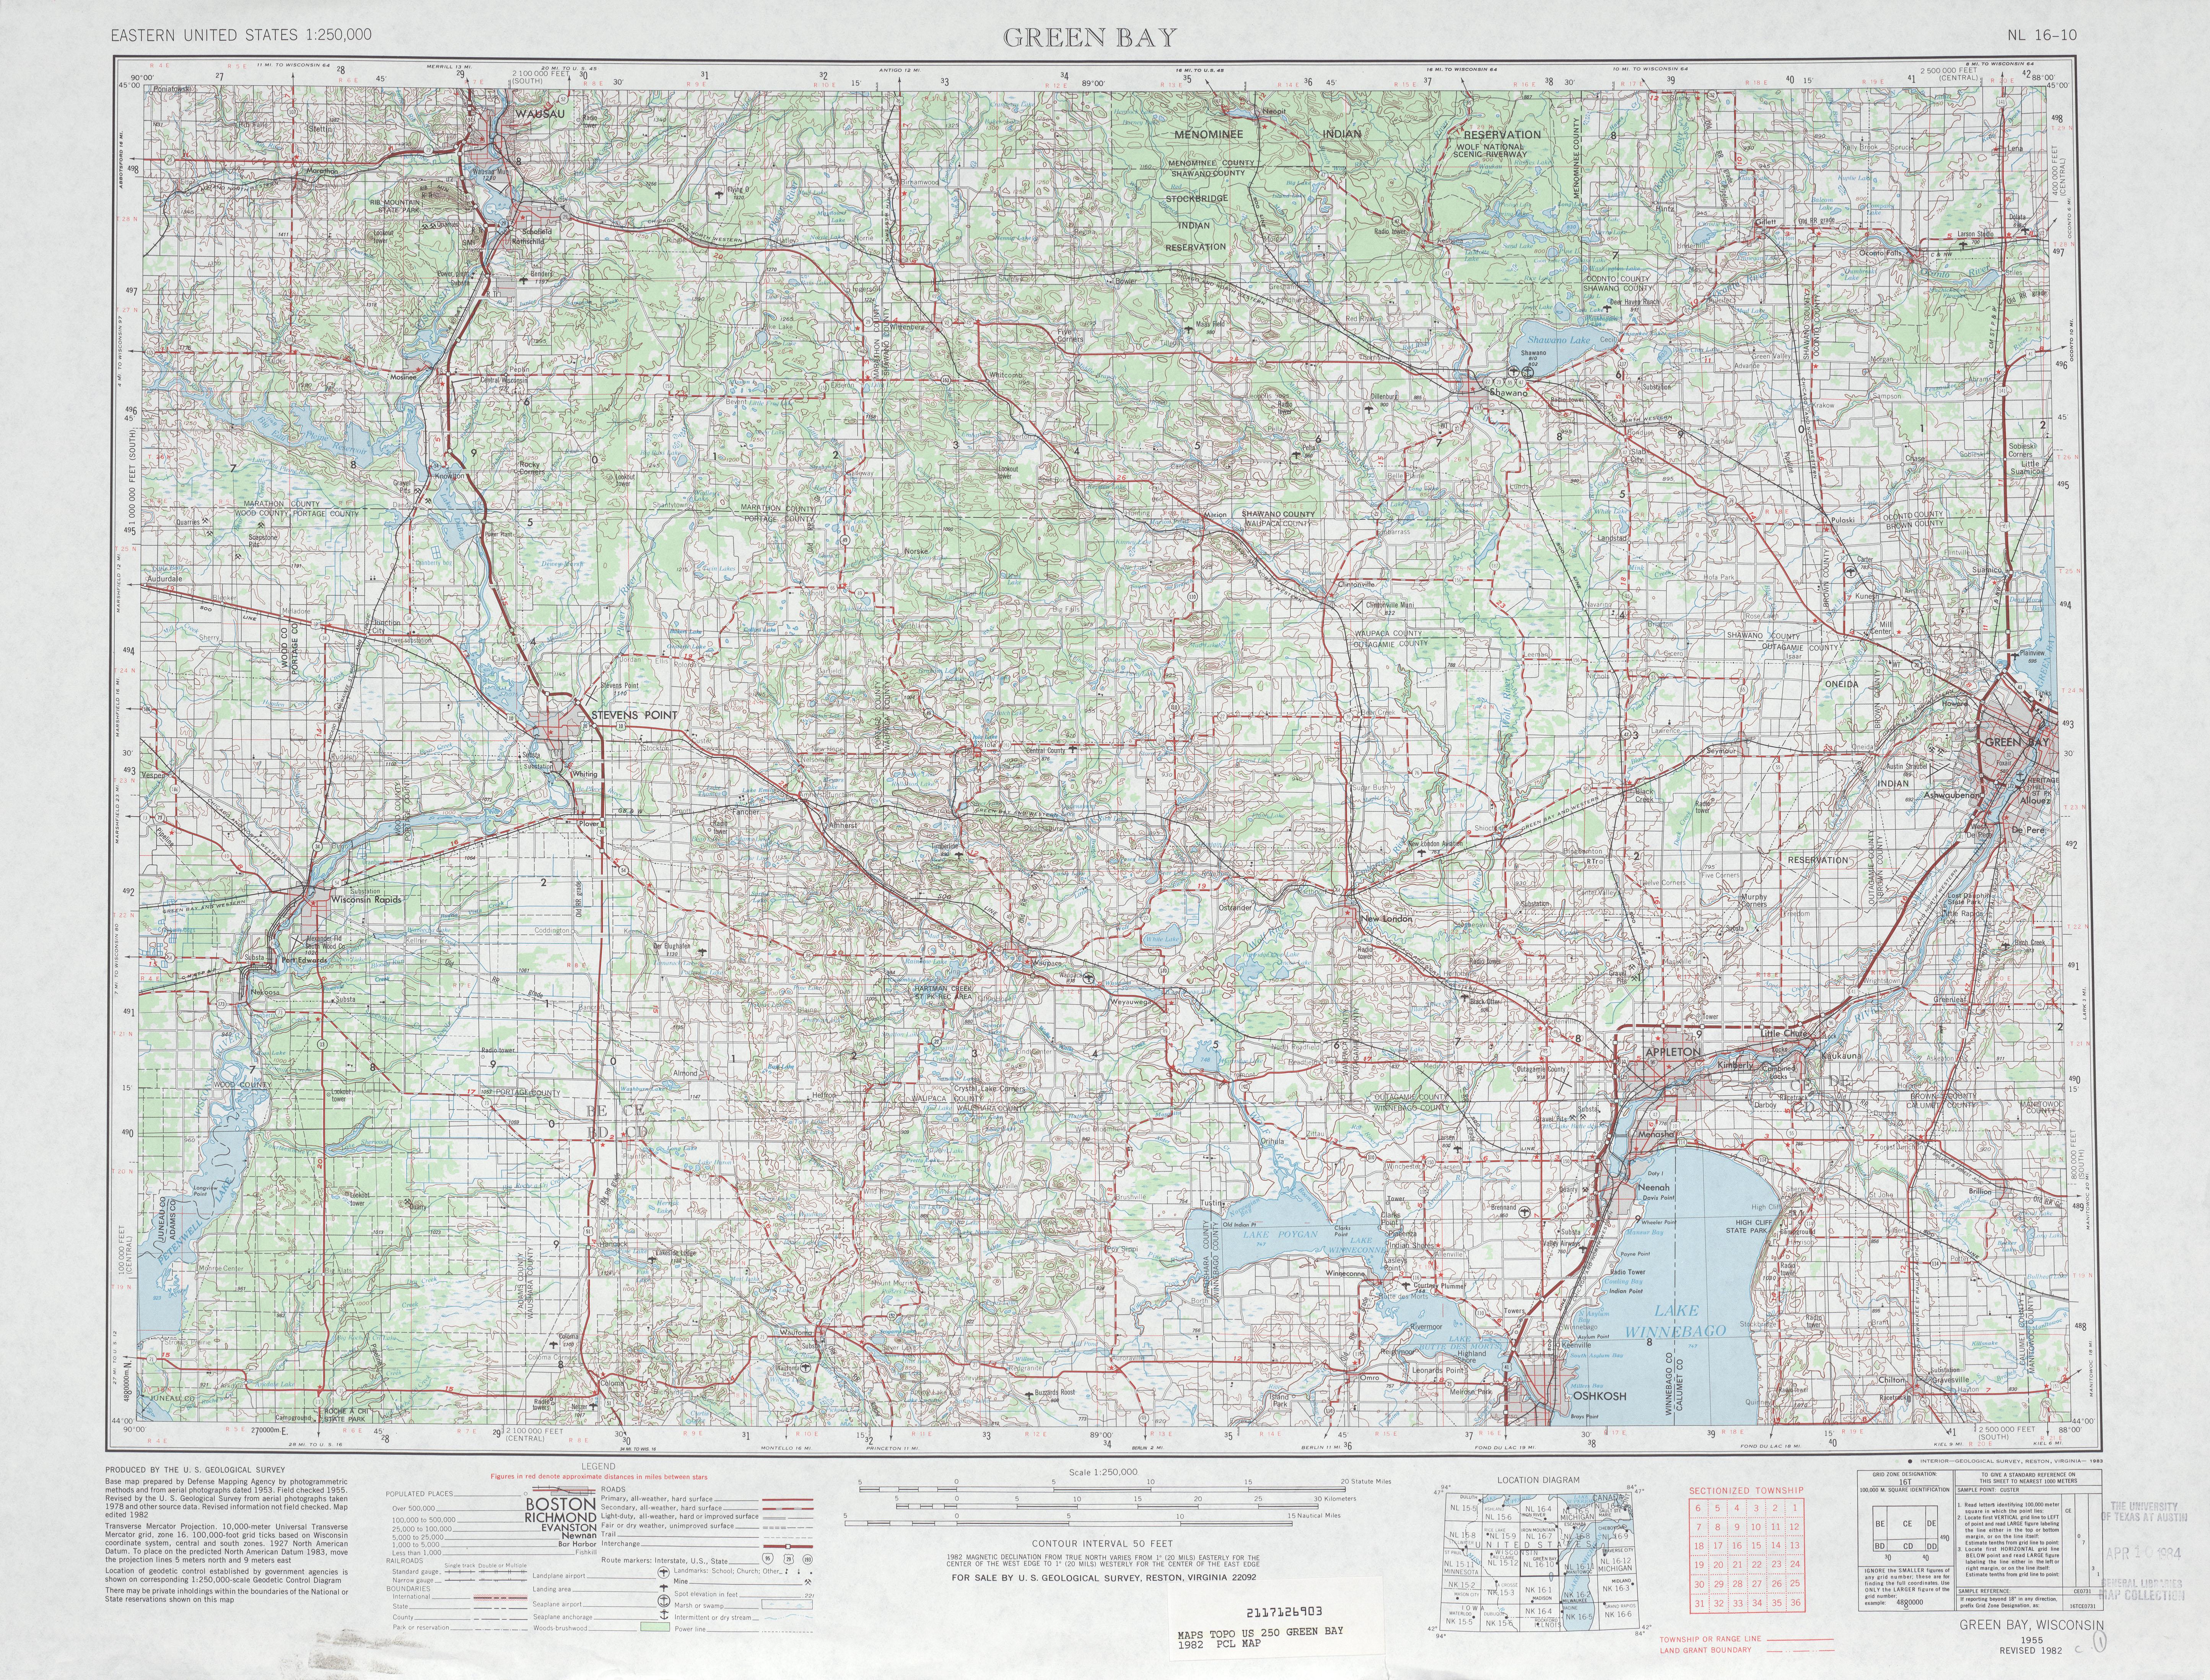 Hoja Green Bay del Mapa Topográfico de los Estados Unidos 1982